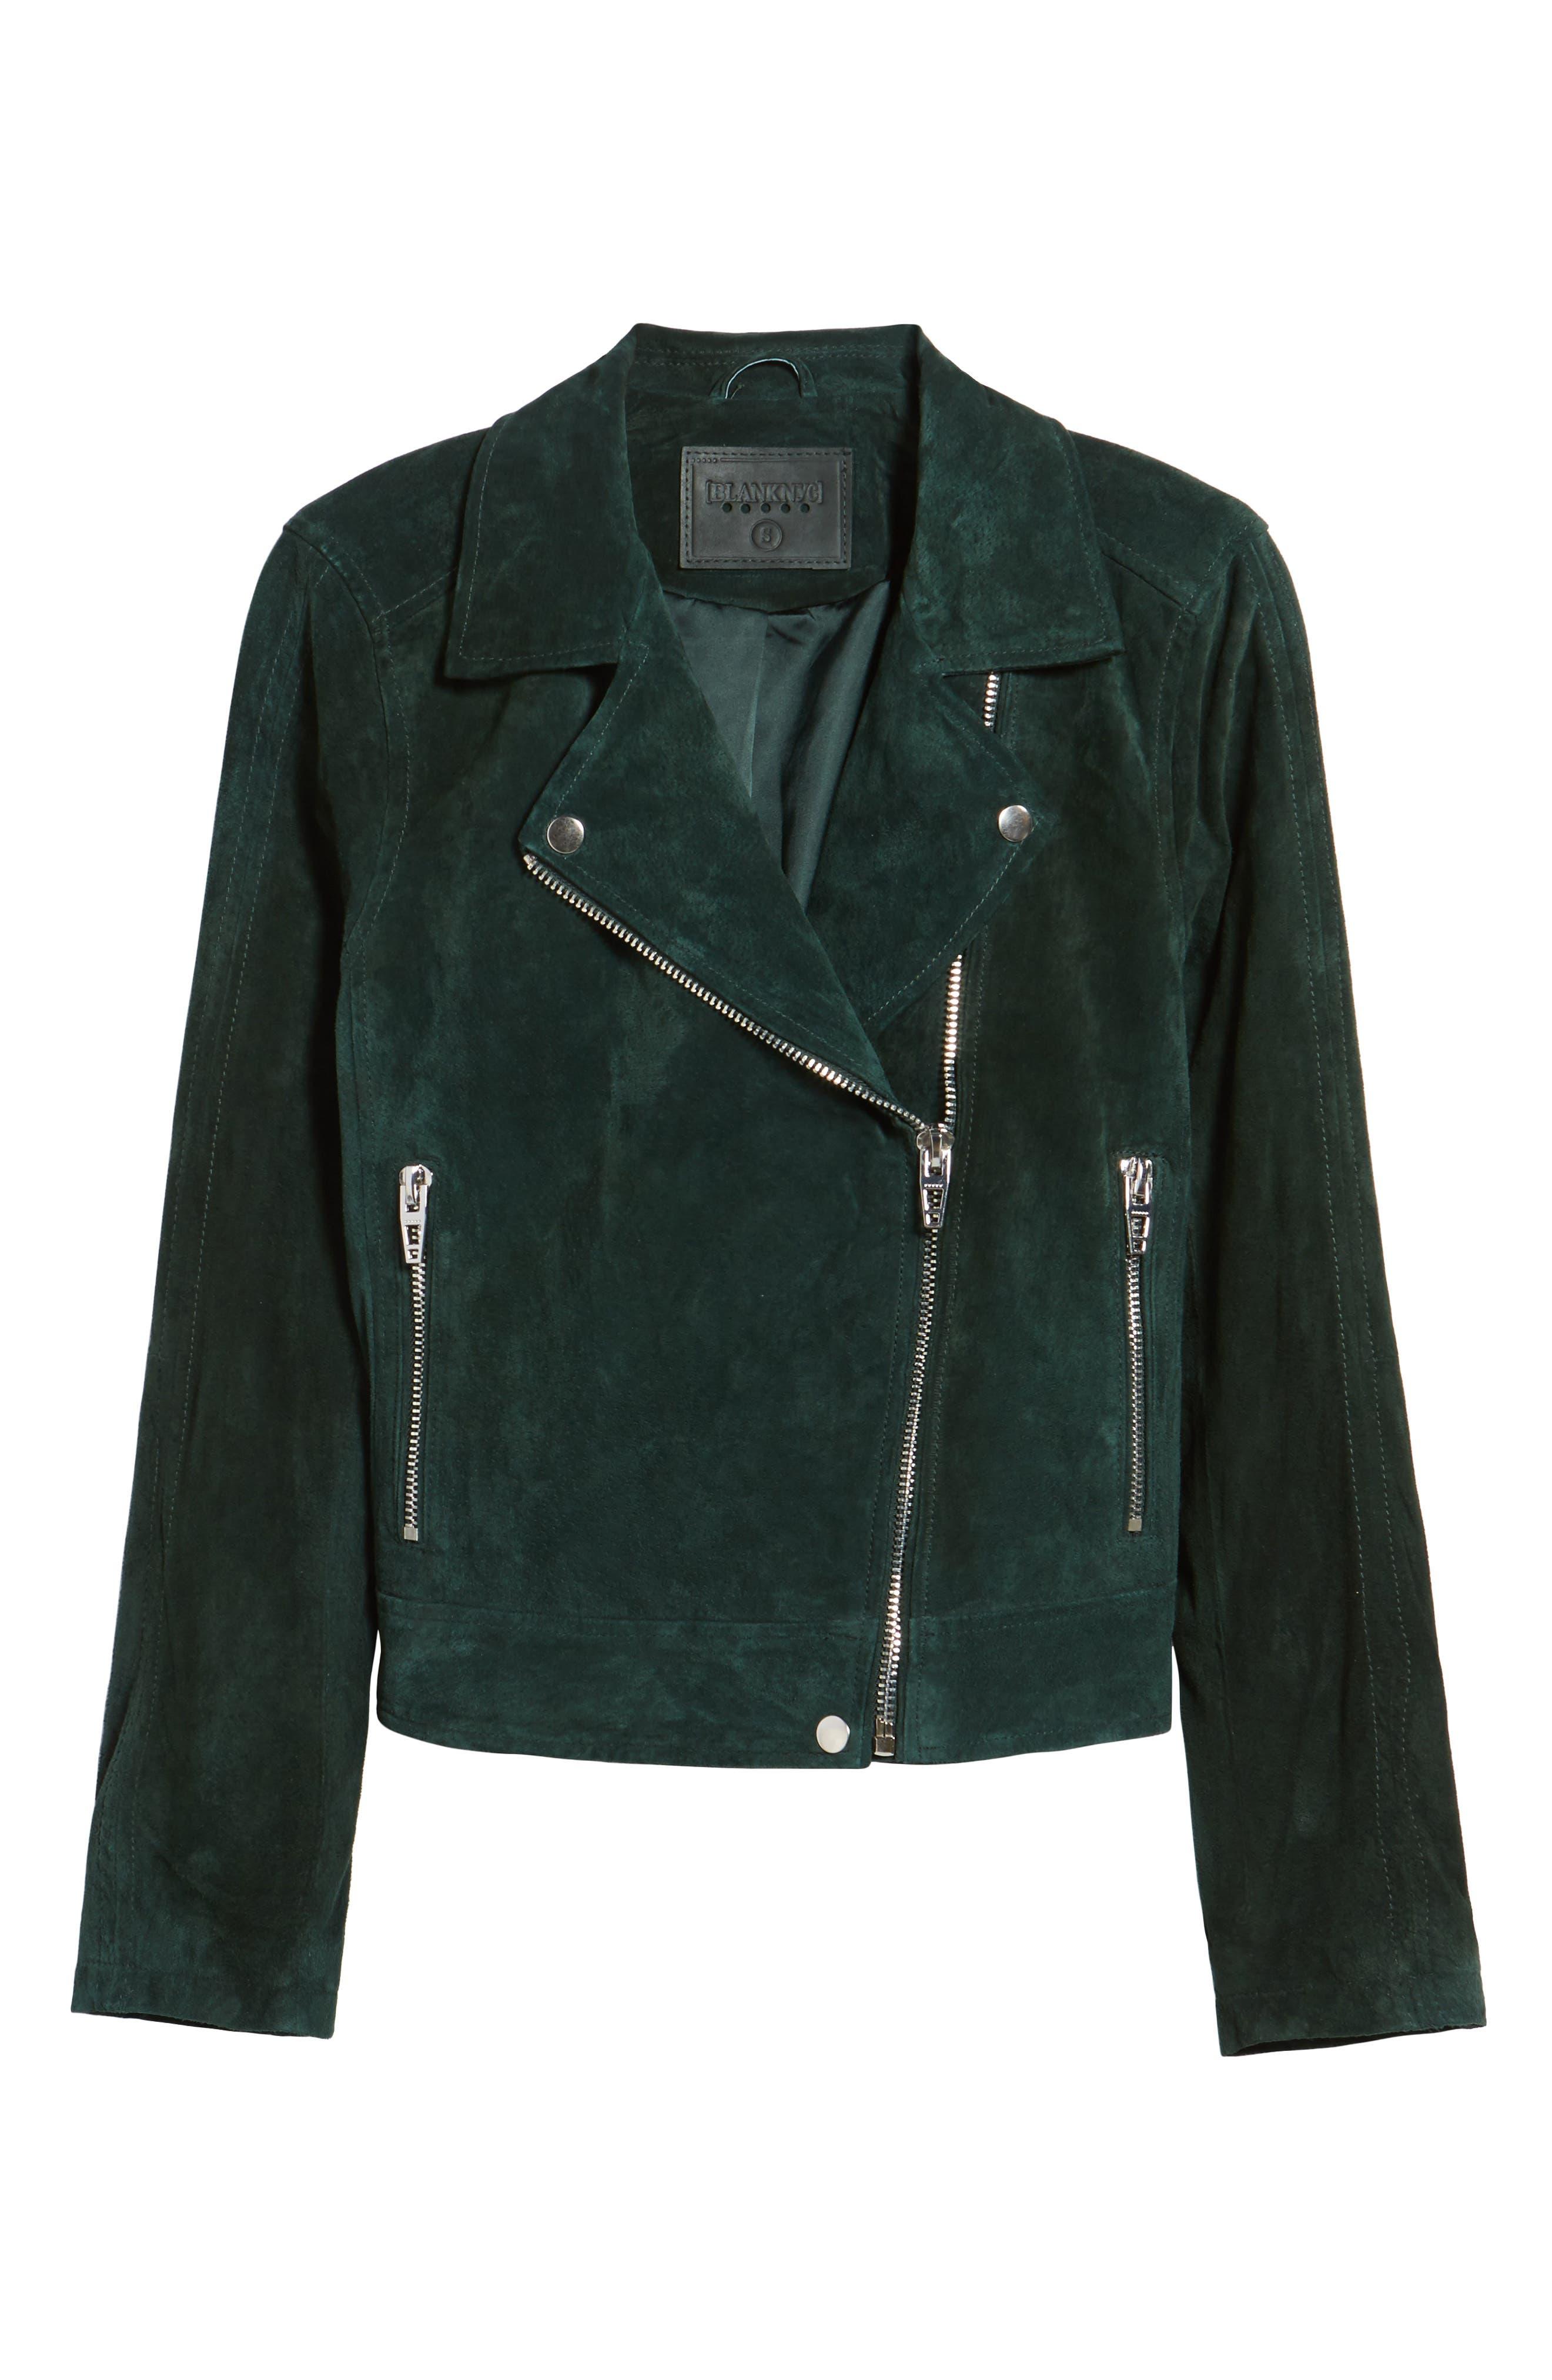 Alternate Image 1 Selected - BLANKNYC Suede Moto Jacket